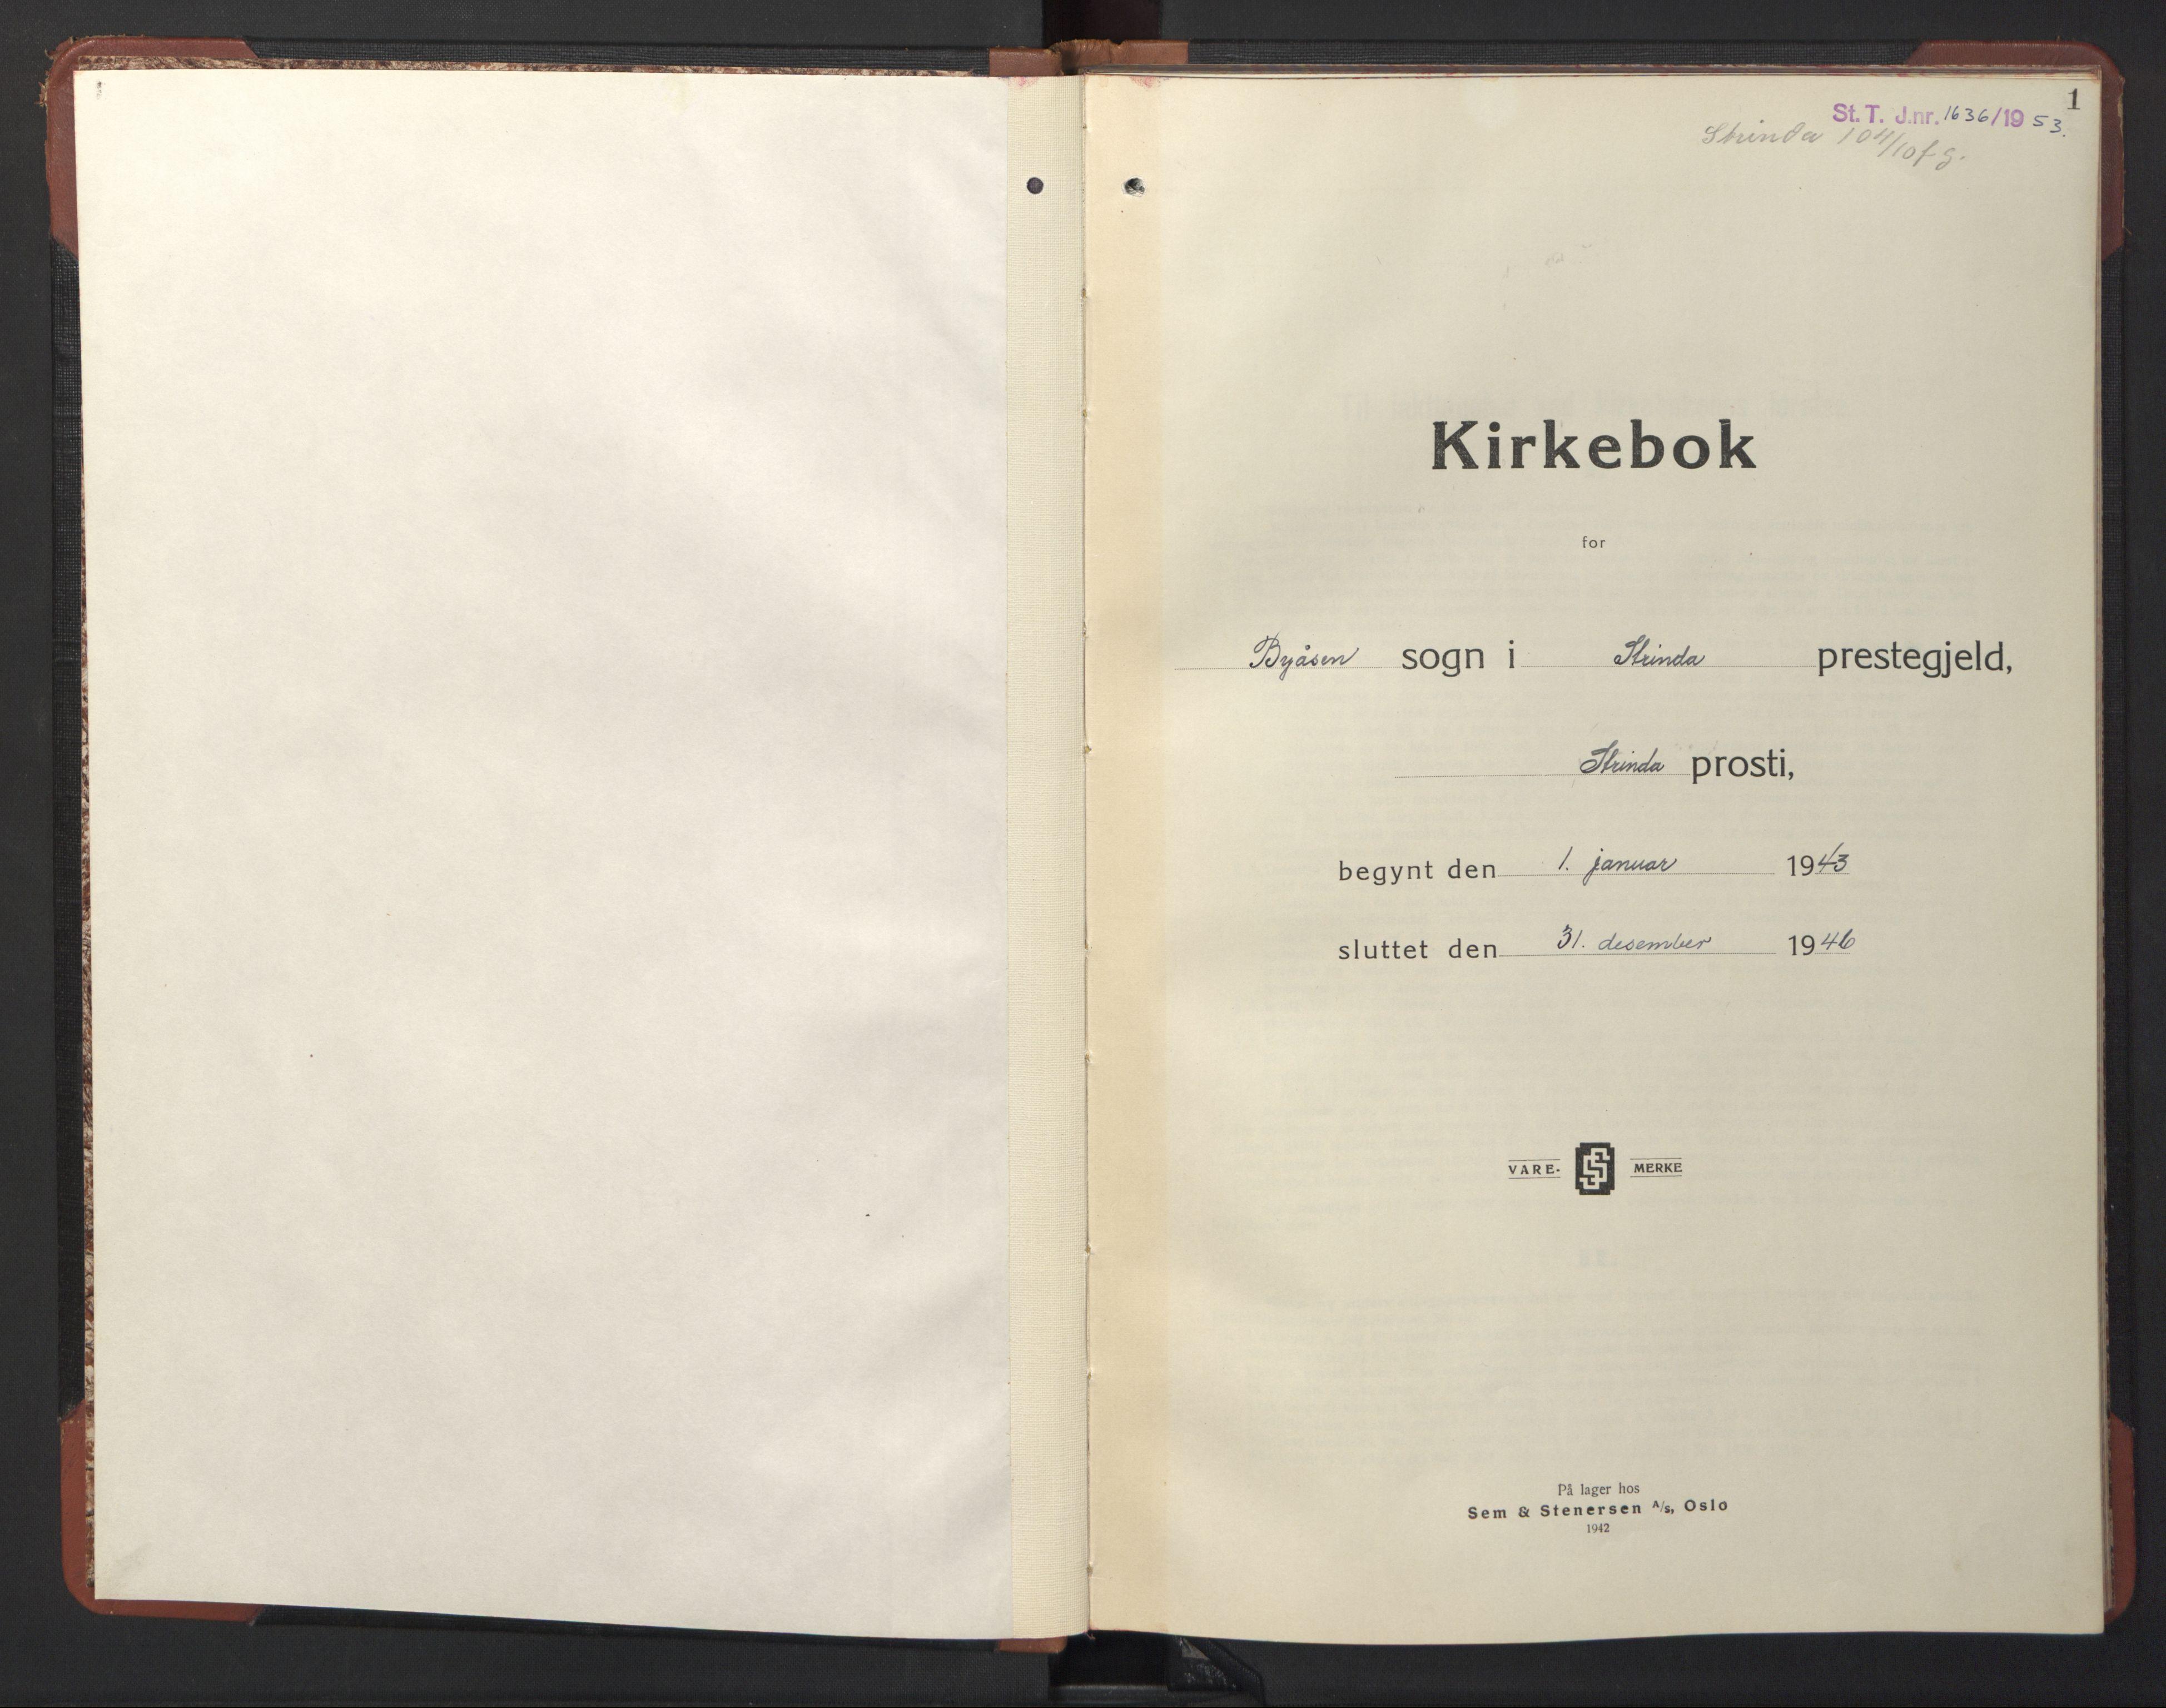 SAT, Ministerialprotokoller, klokkerbøker og fødselsregistre - Sør-Trøndelag, 611/L0358: Klokkerbok nr. 611C06, 1943-1946, s. 1